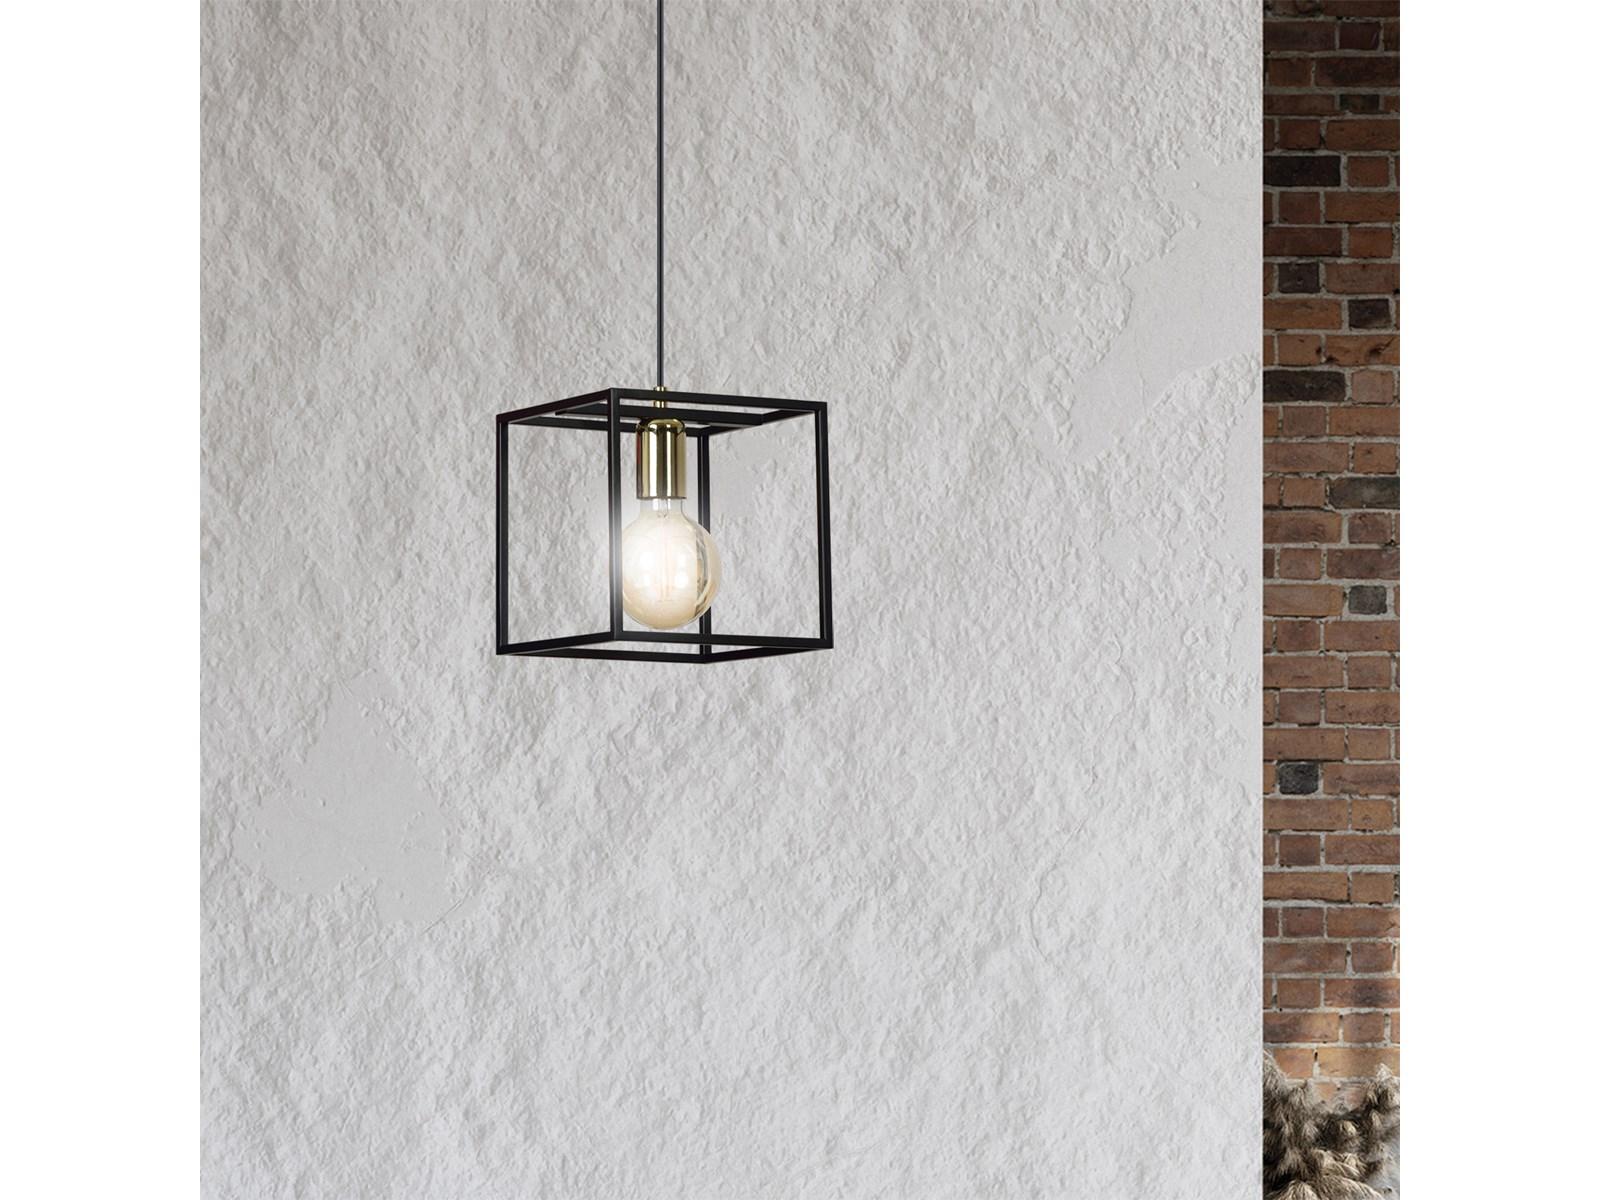 KARMEN 1 BLACK 8081 wisząca lampa sufitowa LOFT regulowana metalowa złoto czarna